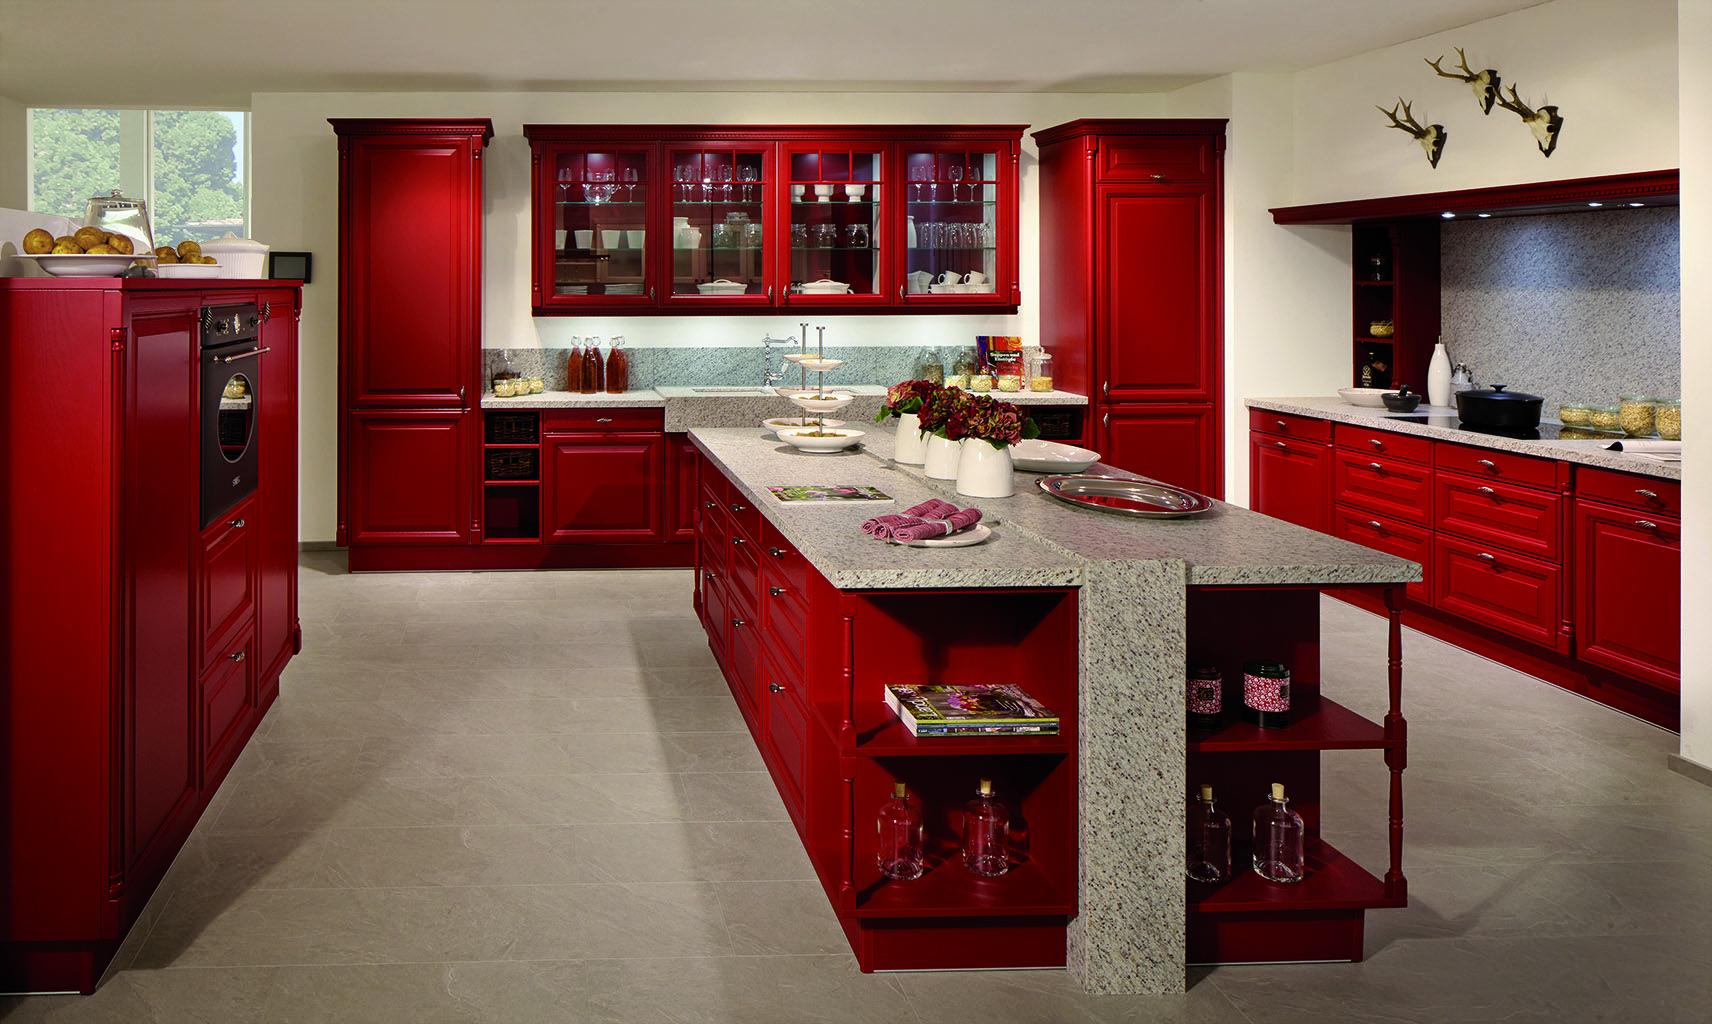 Cuisine Stormer Style Vintage Ton Rouge Cuisines équipée - Stormer cuisine